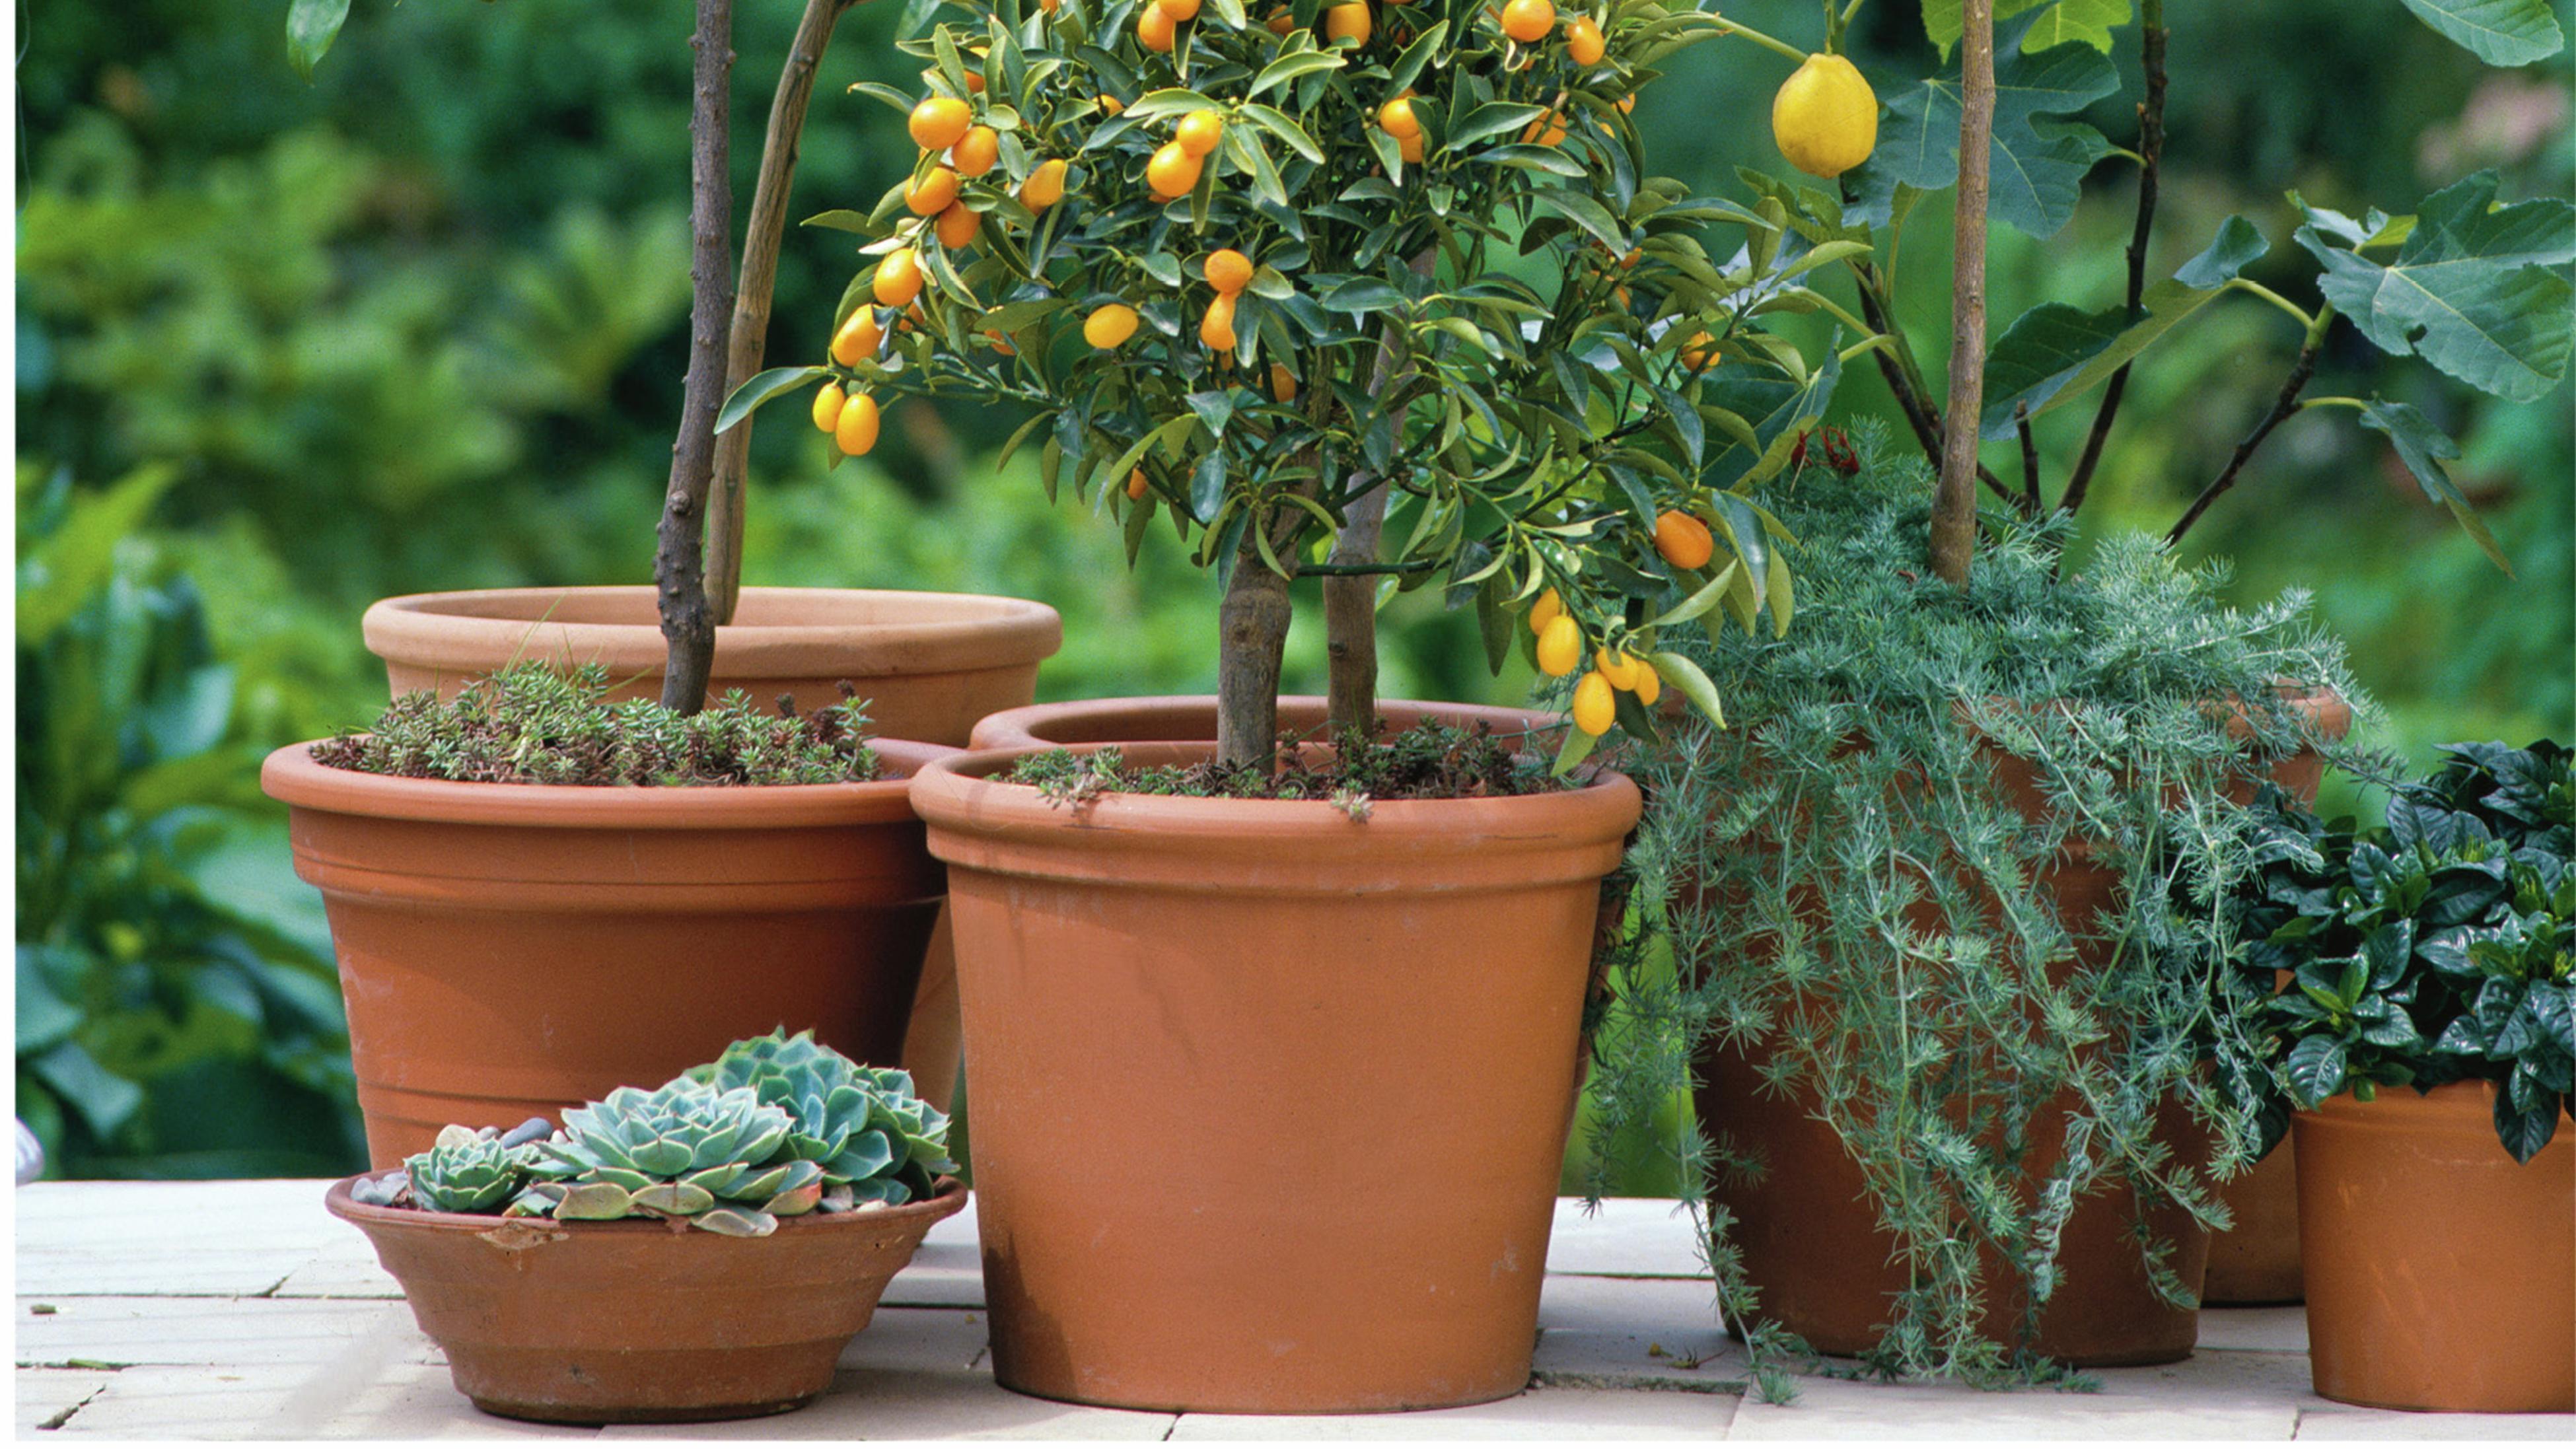 Oranges growing on tree.